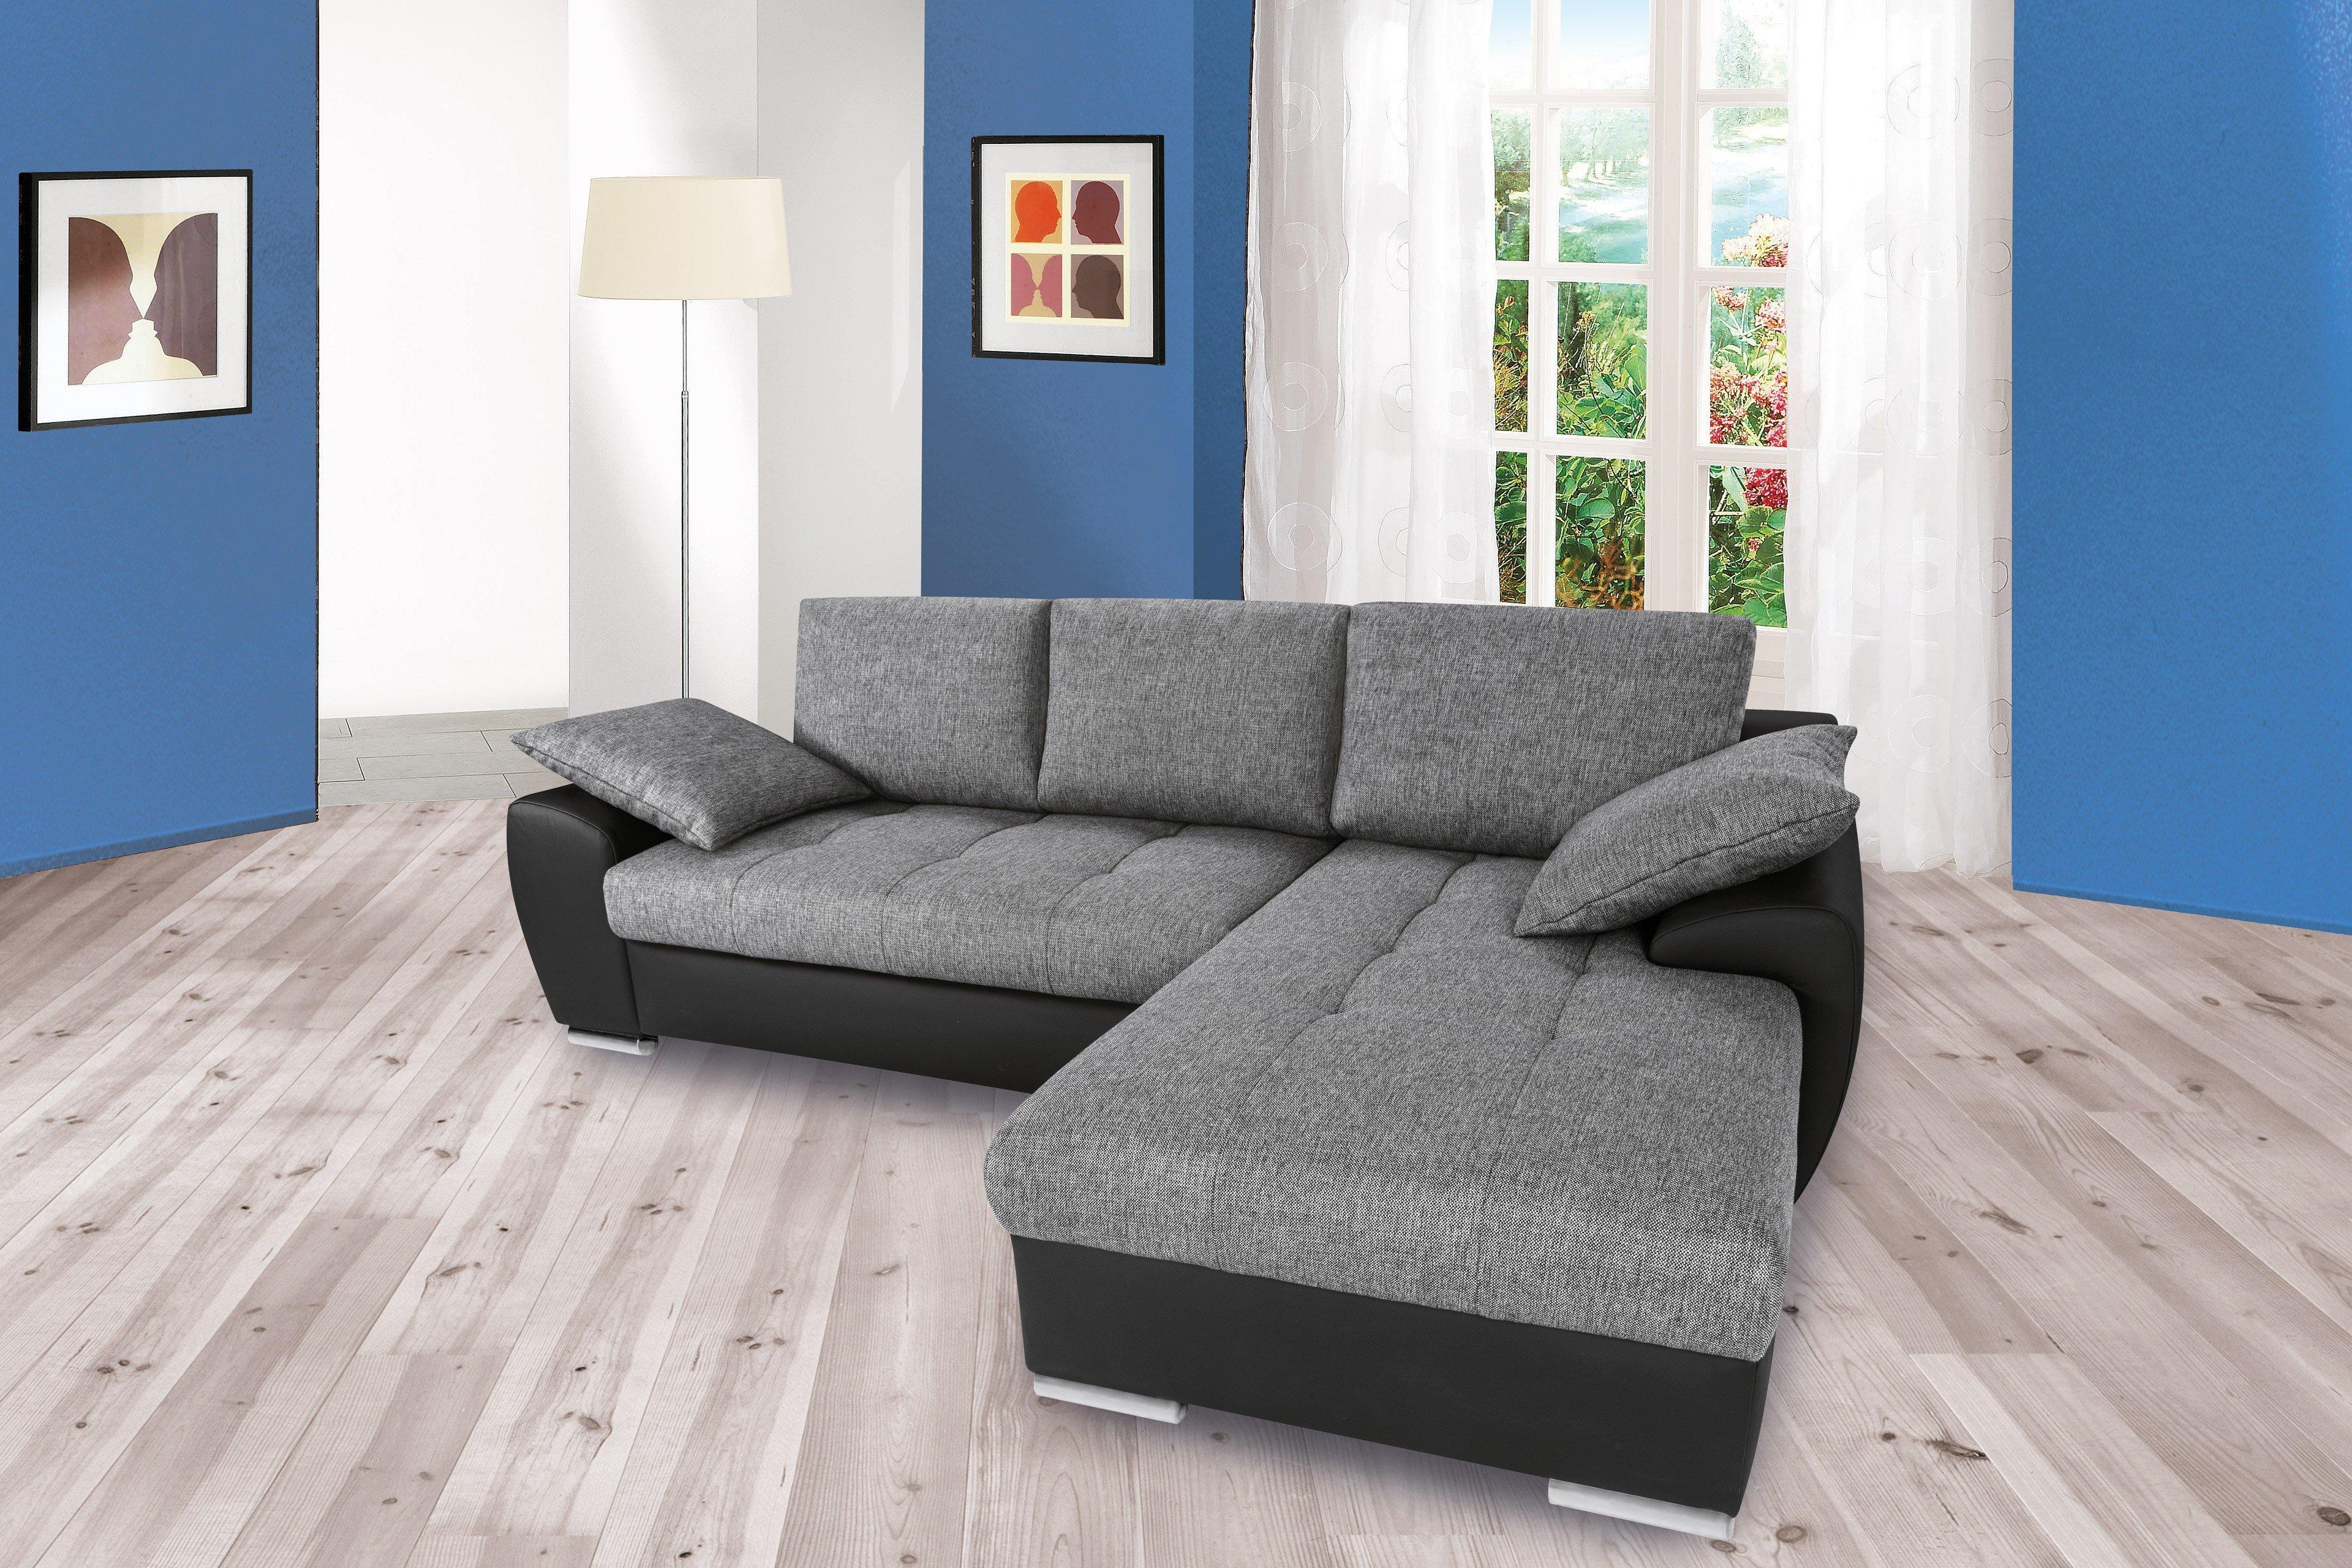 nova via madrid polsterecke grau schwarz m bel letz. Black Bedroom Furniture Sets. Home Design Ideas